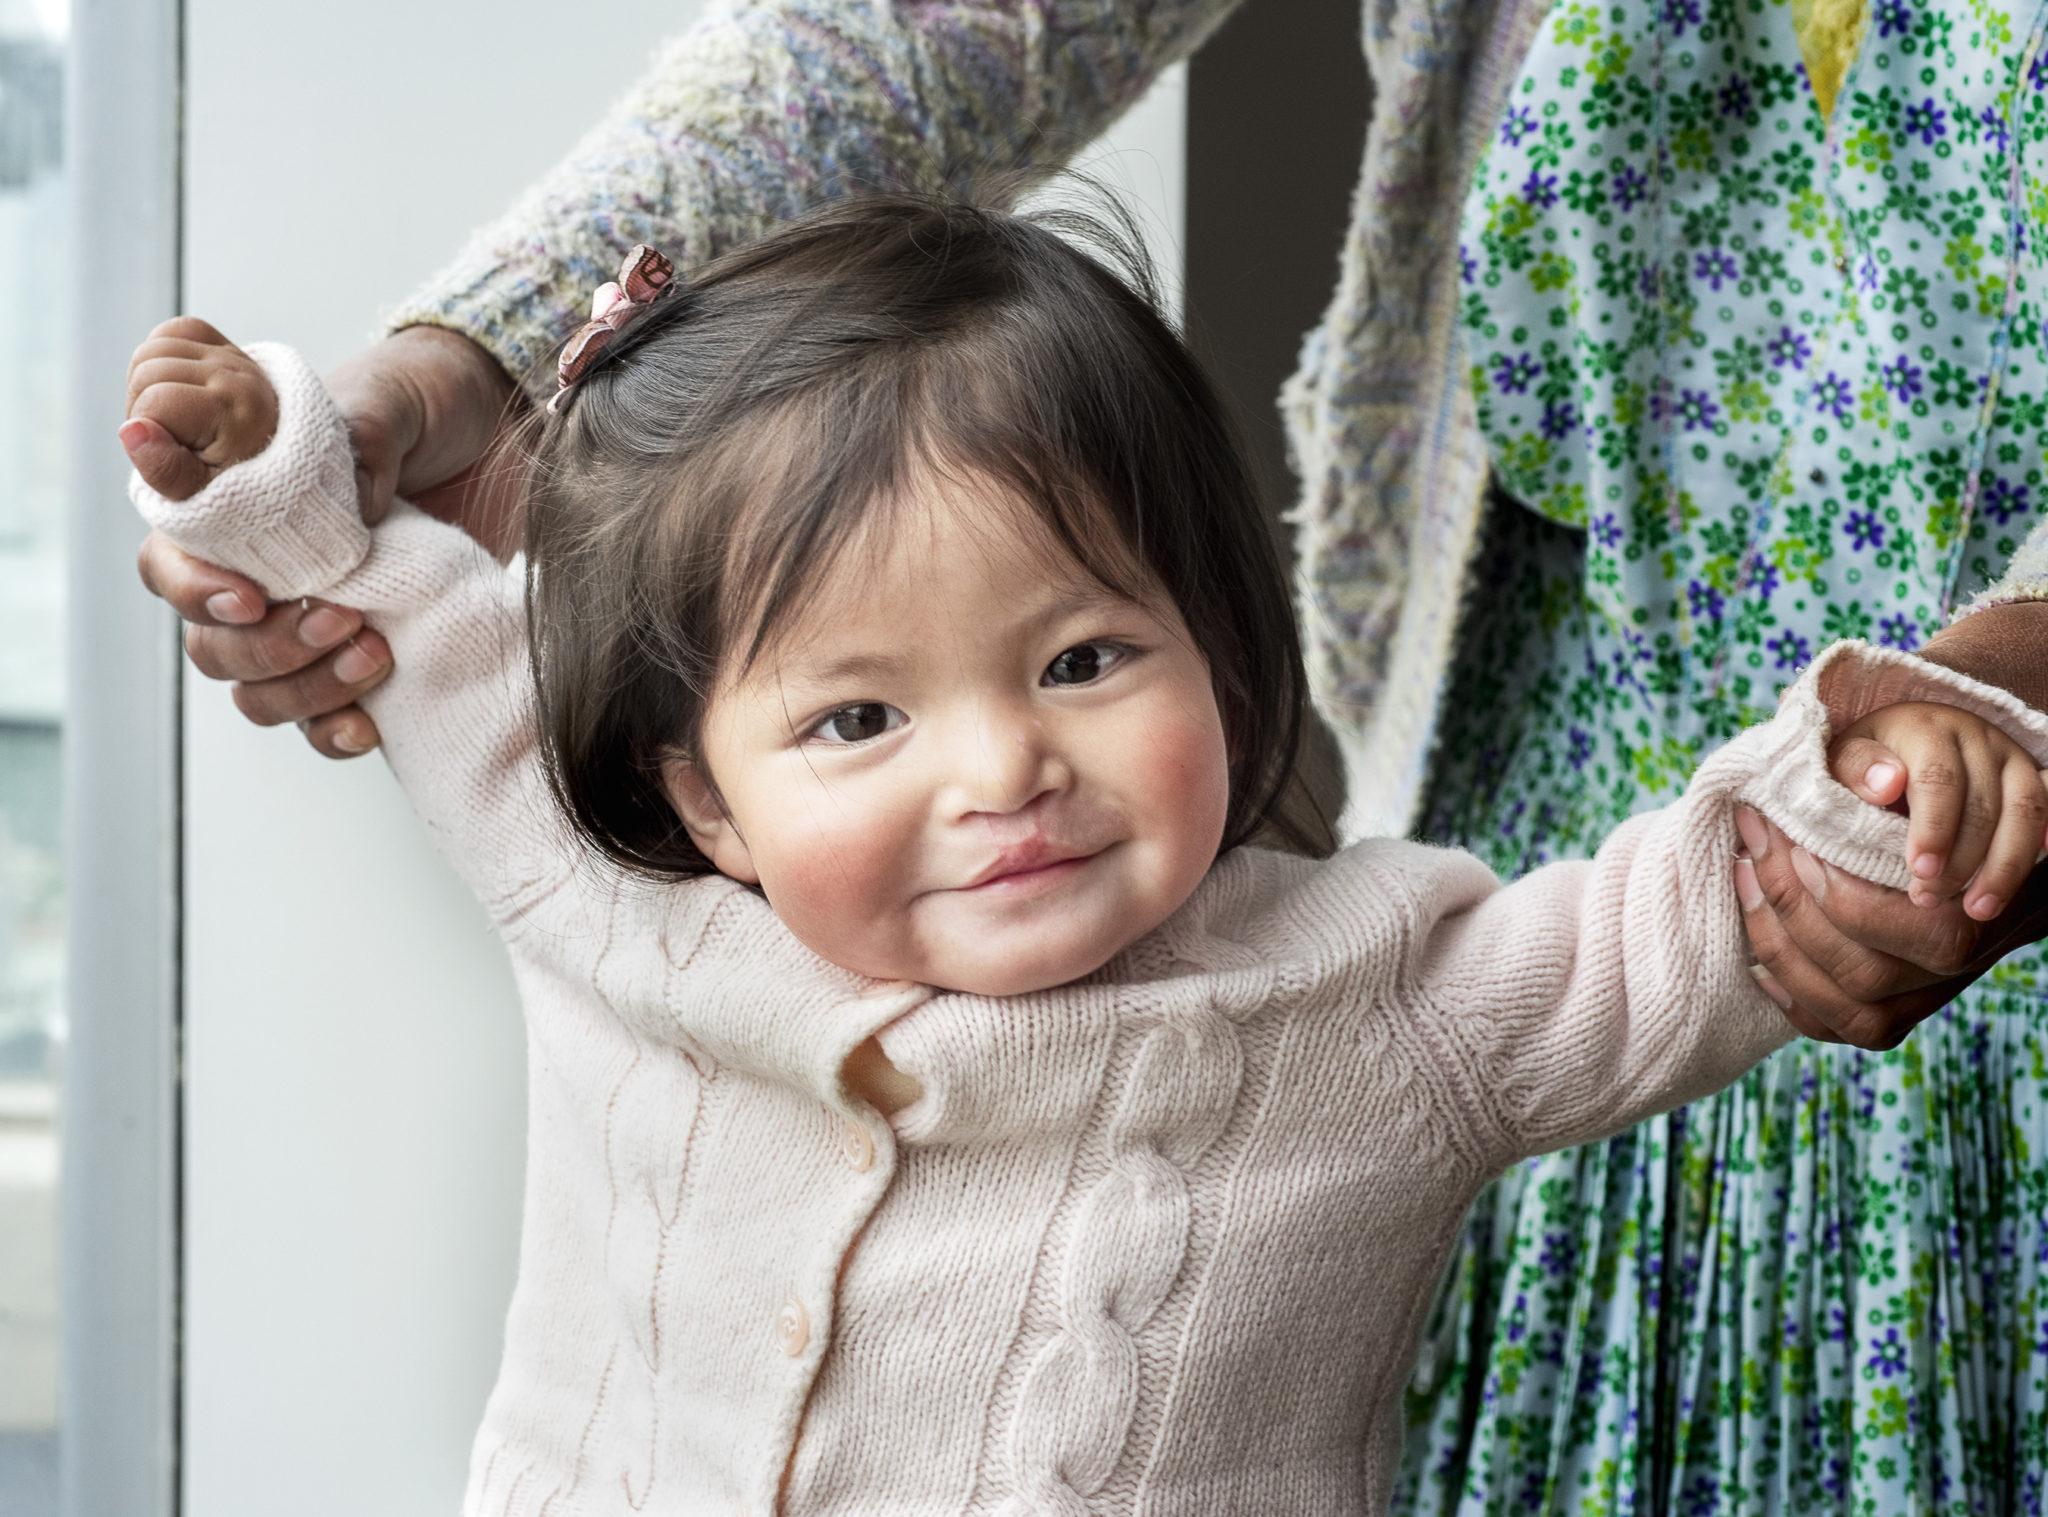 flicka 8 månader gammal strålar av glädje efter sin operation